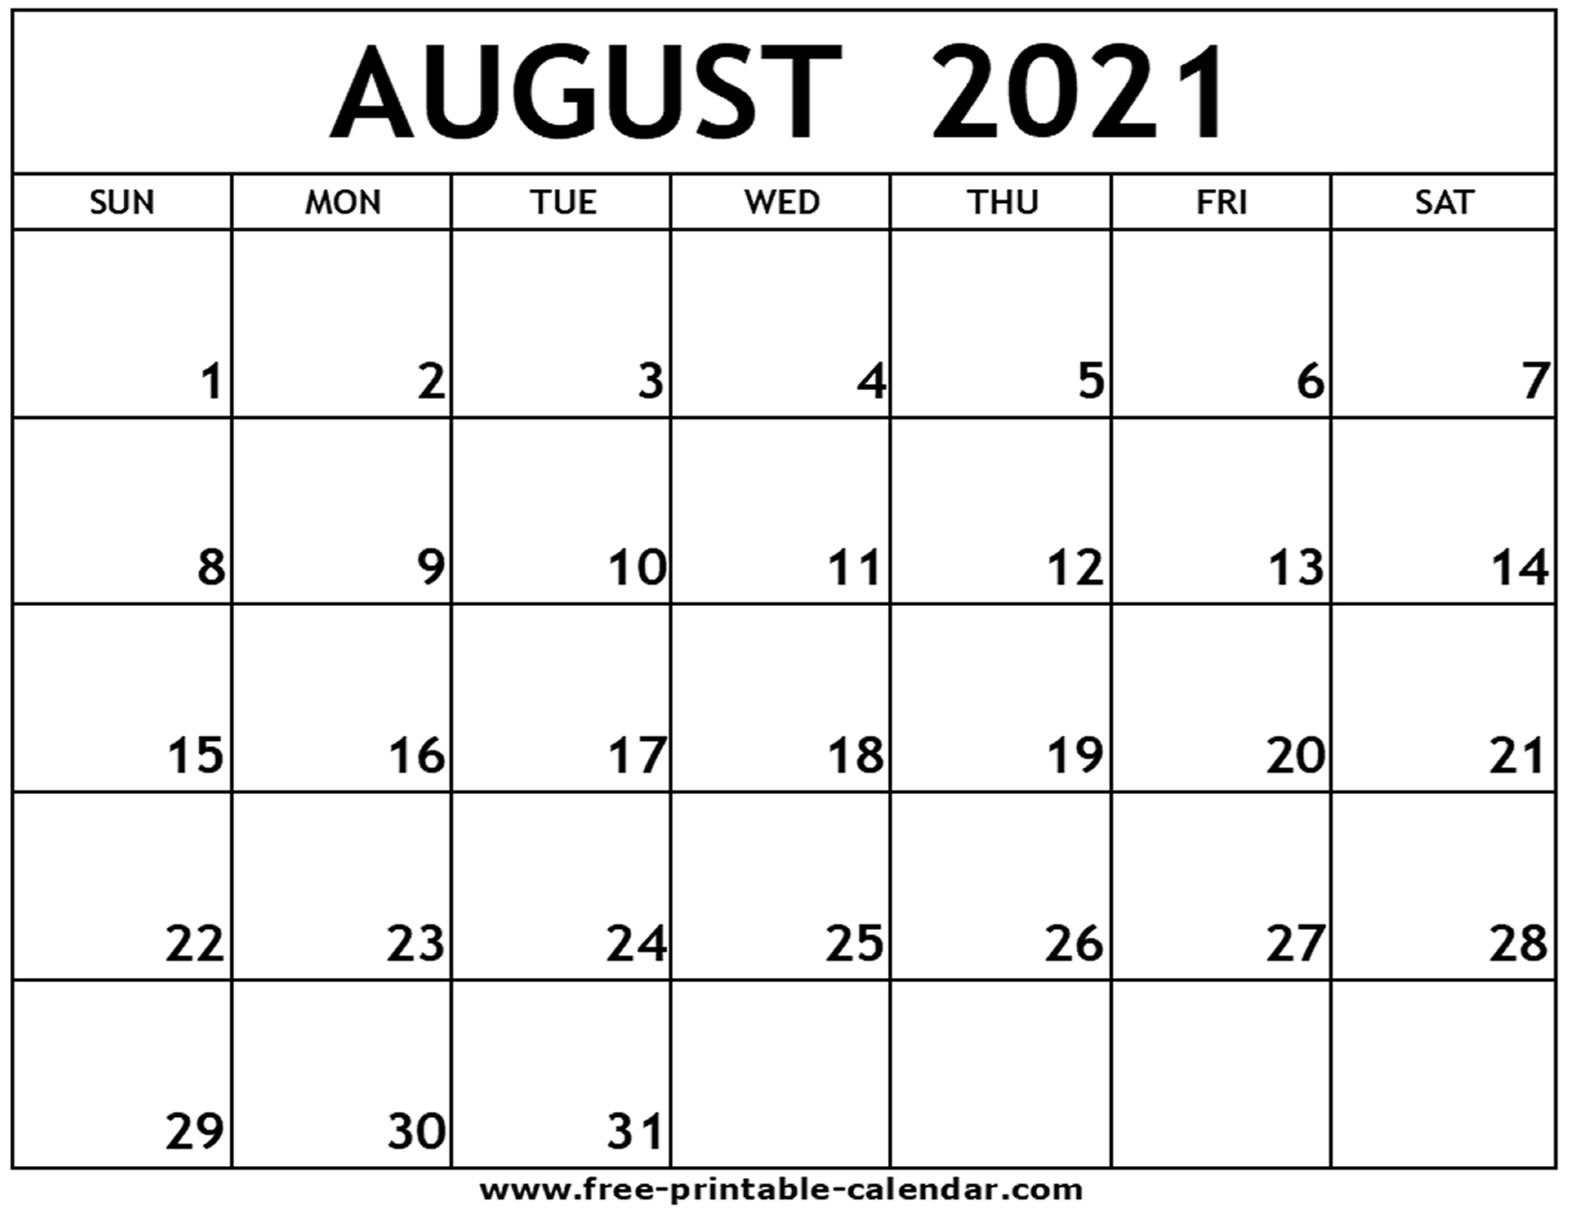 Get August 2021 Calendar Fill In